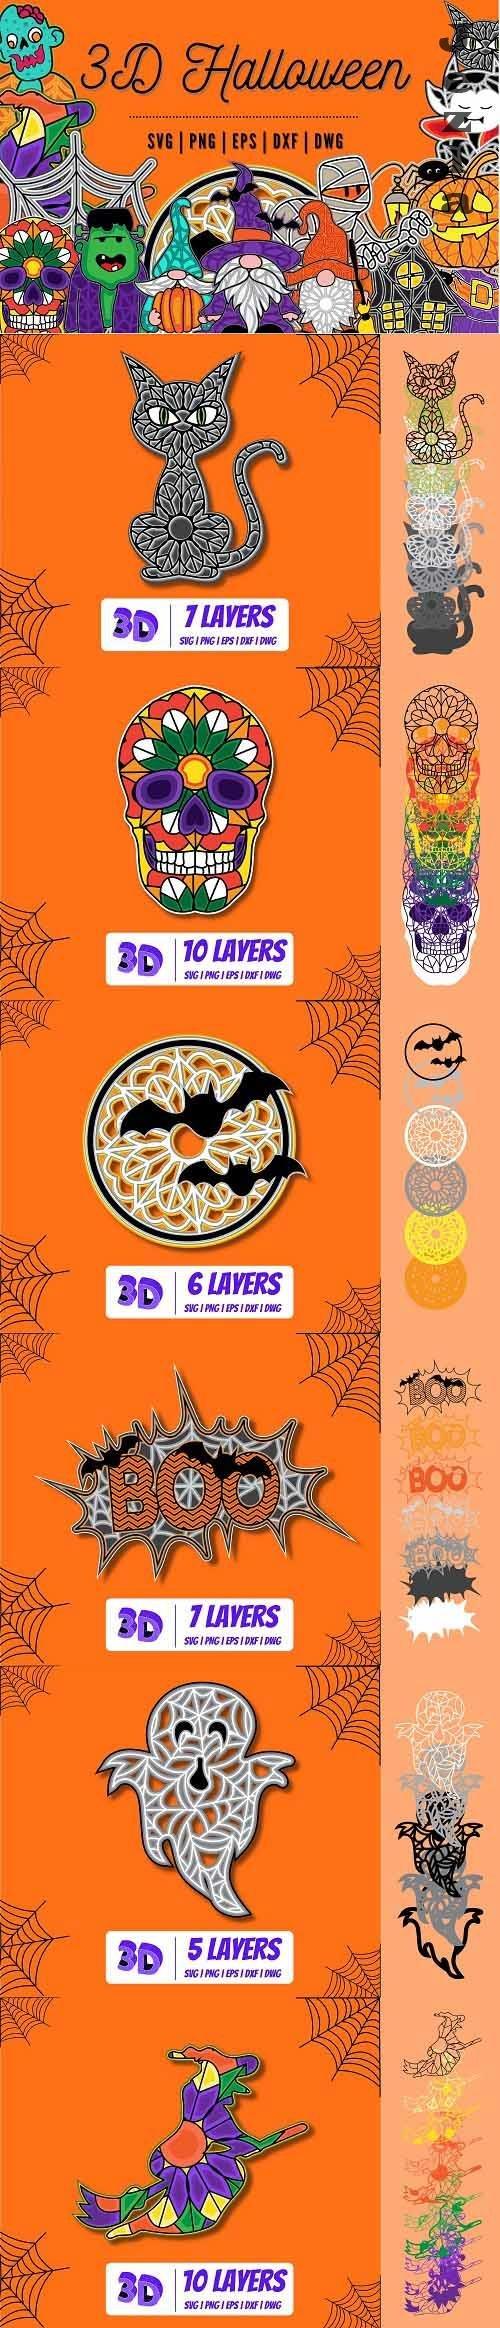 3D Halloween Svg Bundle   Trick or Treat   31st October - 1553552